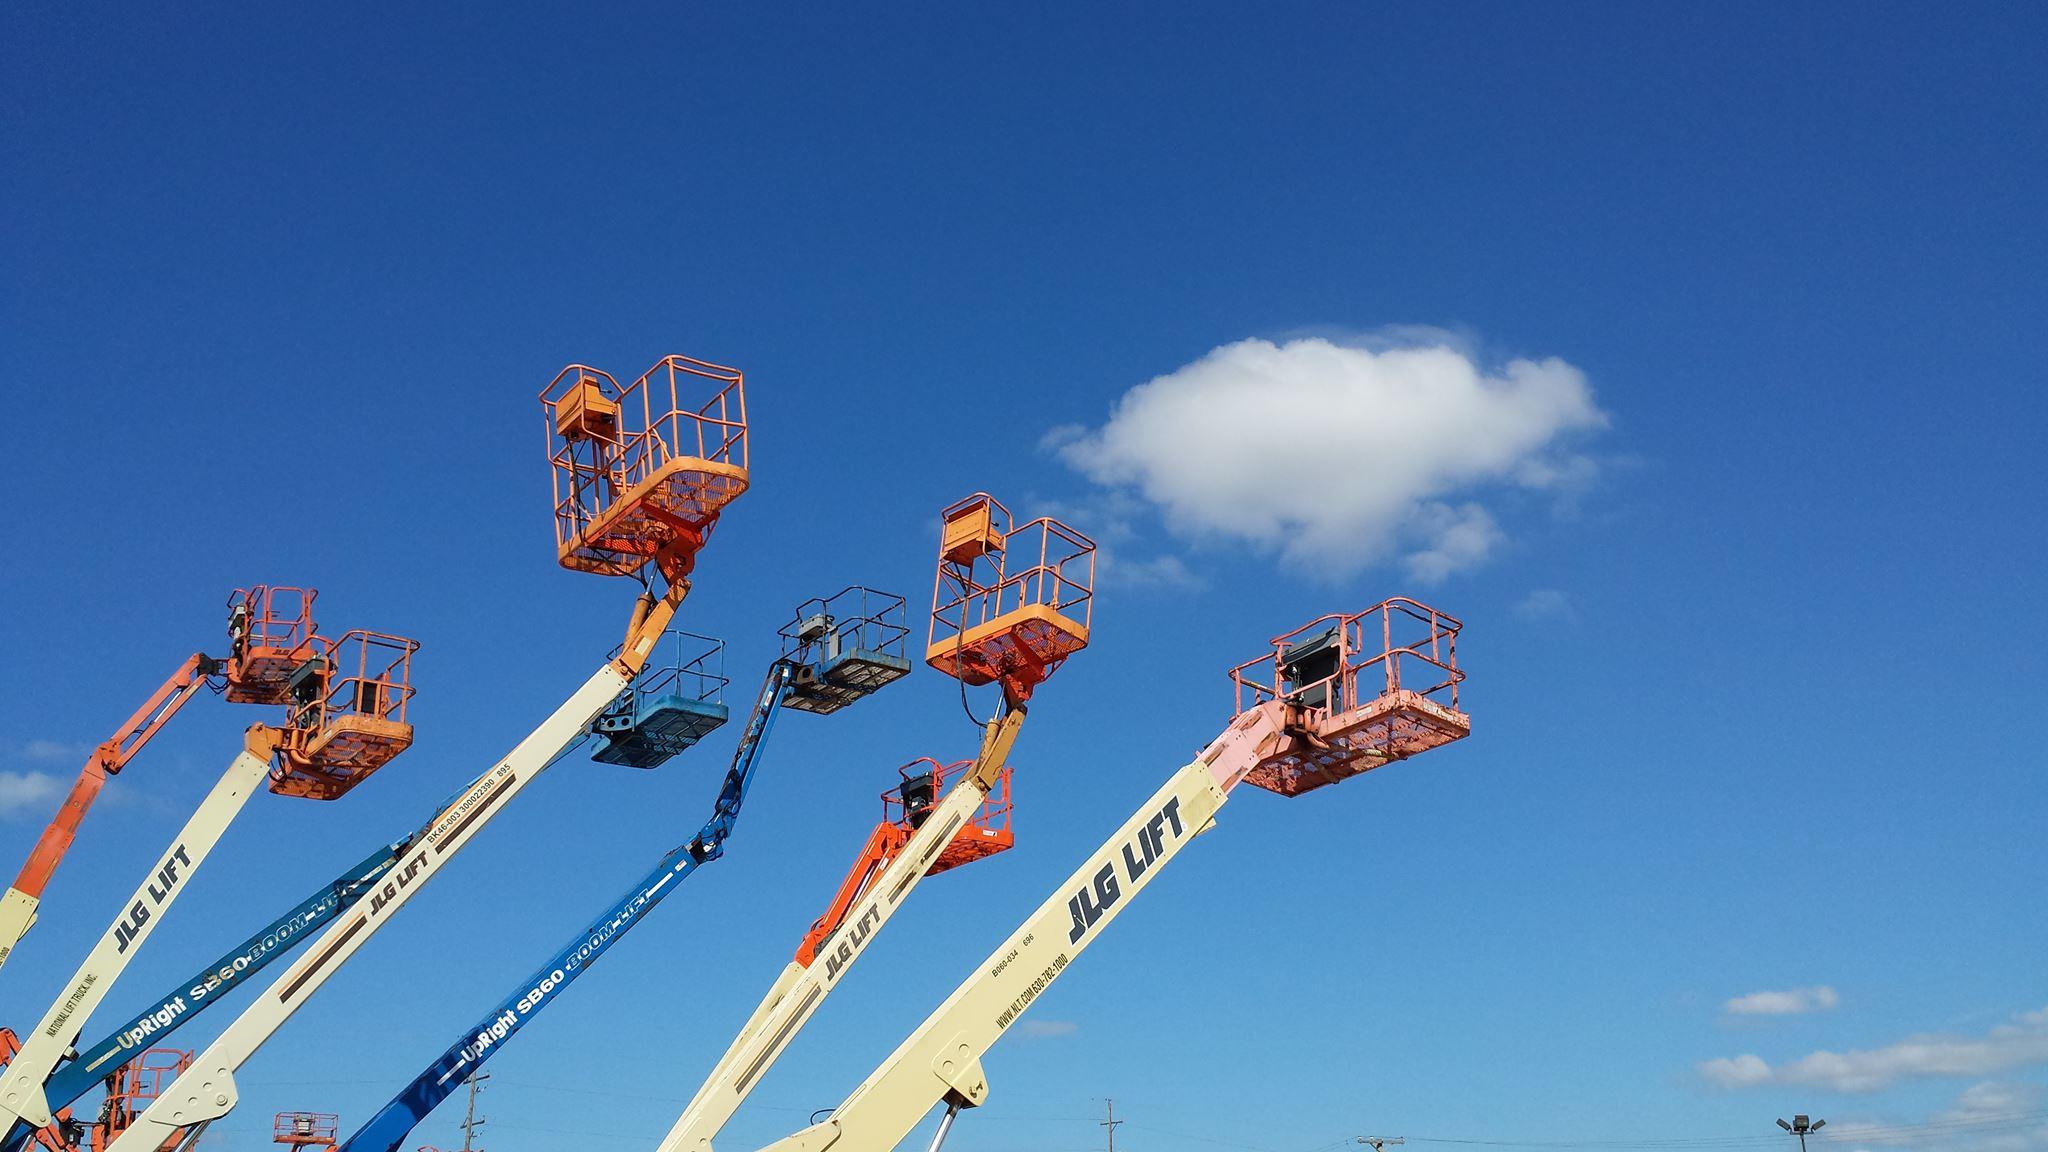 Aerial Access Equipment - Baton Rouge